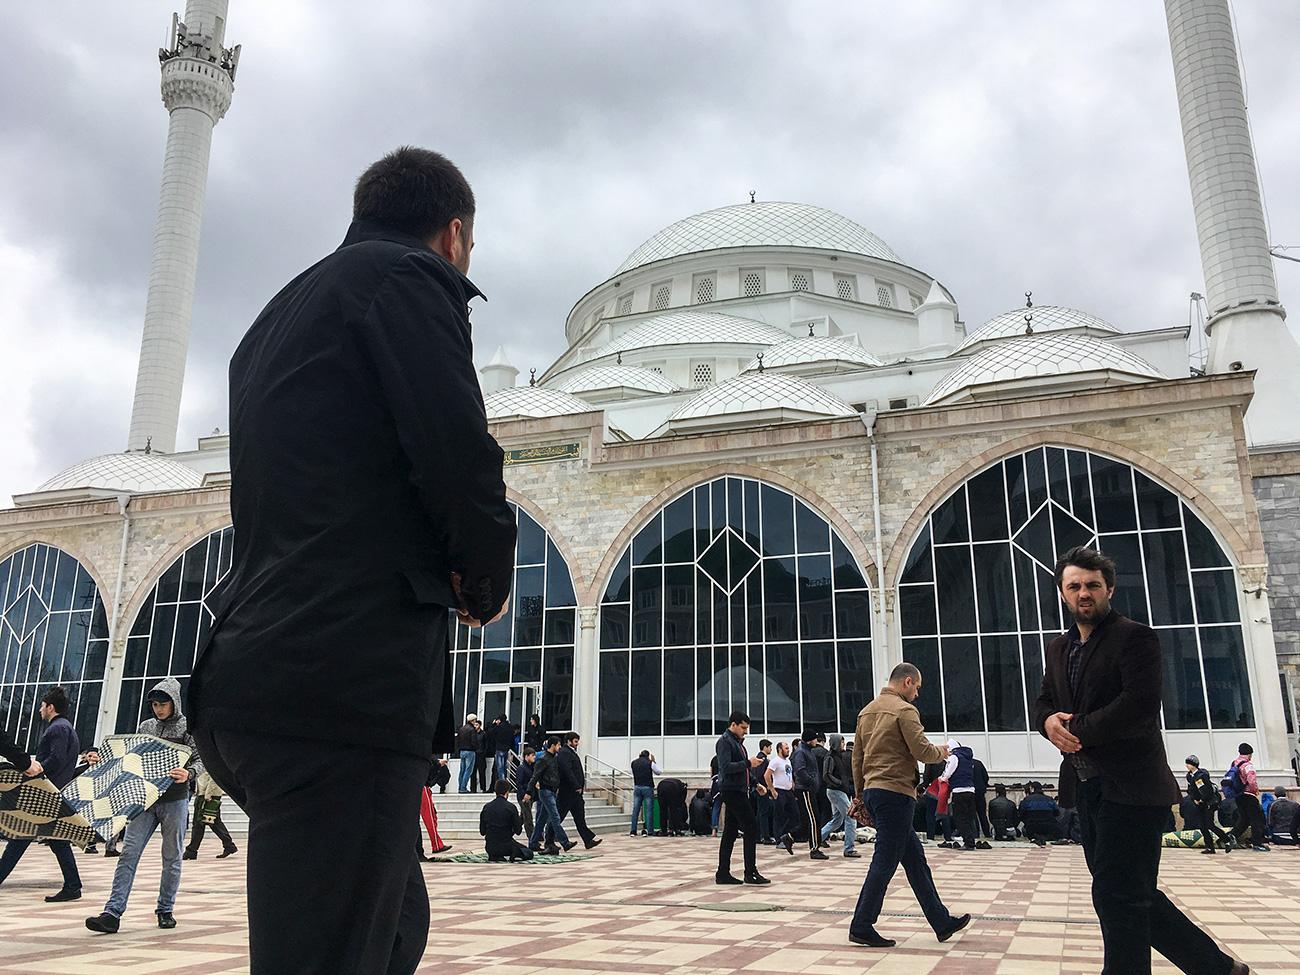 Iako je oko 90 posto stanovnika Mahačkale islamske vjeroispovijesti, ovdje se mogu pronaći i pravoslavne crkve i sinagoge. Žene prekrivene od glave do pete u tradicionalnim haljinama hodaju ulicama usporedo sa sljedbenicima vrlo različitih stilova. Za posjetitelje Makačkale ne postoje posebna pravila u odijevanju: prekrivena glava ili duga suknja uvjet su jedino ako namjeravate posjetiti džamiju. No, imajte na umu da je Dagestan vruća, južna regija, gdje otvorena odjeća može rezultirati opeklinama, upozorava Jana Martirosova, vodič. Mahačkala je jedan od top pet najtoplijih gradova u Rusiji s prosječnom ljetnom temperaturom od oko 30 stupnjeva Celzija.